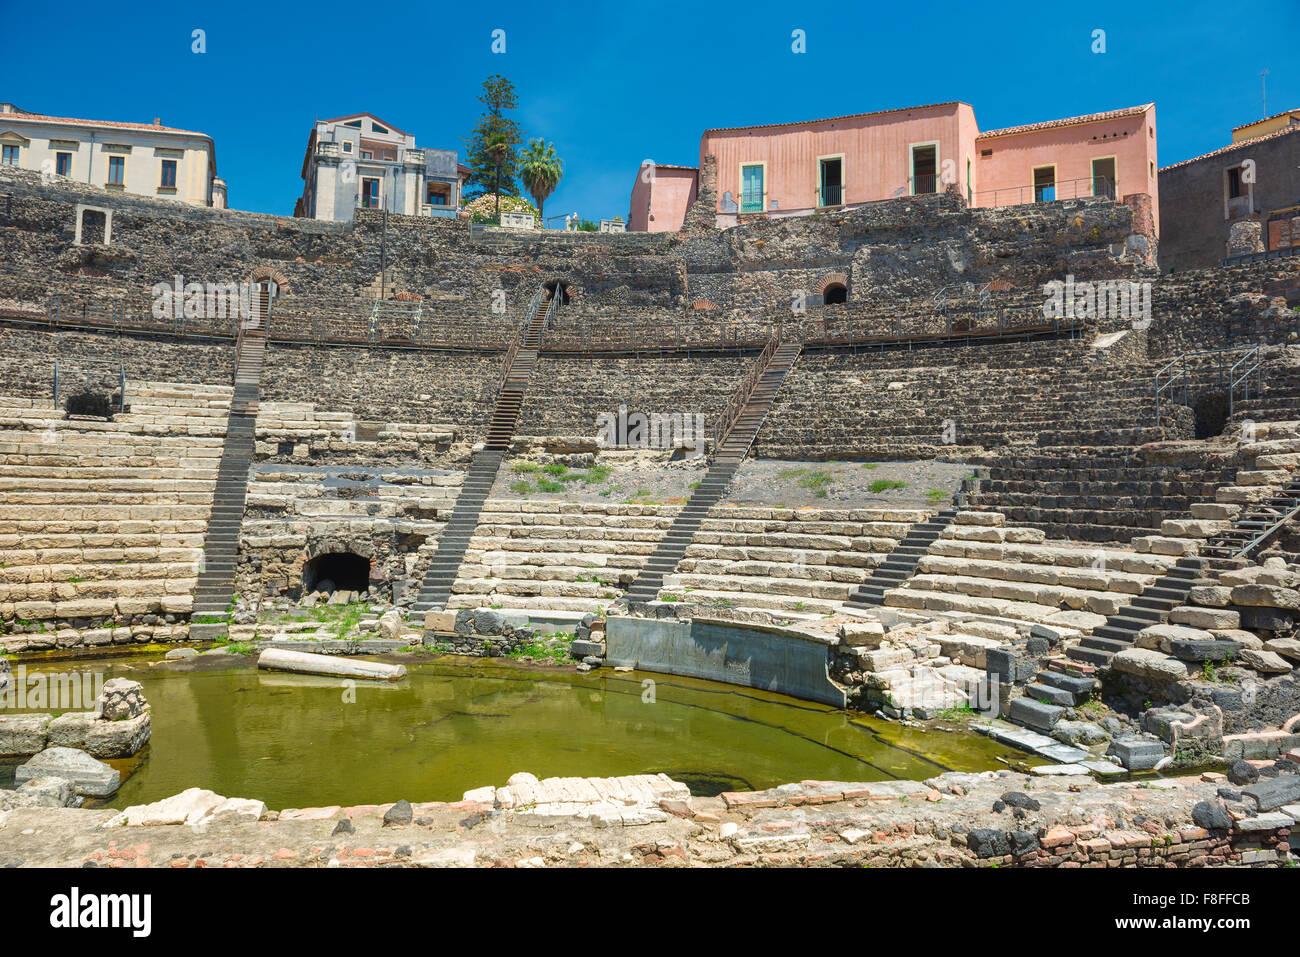 Roman theatre Catania, view of the auditorium of the Teatro Romano in the centre of the city of Catania, Sicily. - Stock Image